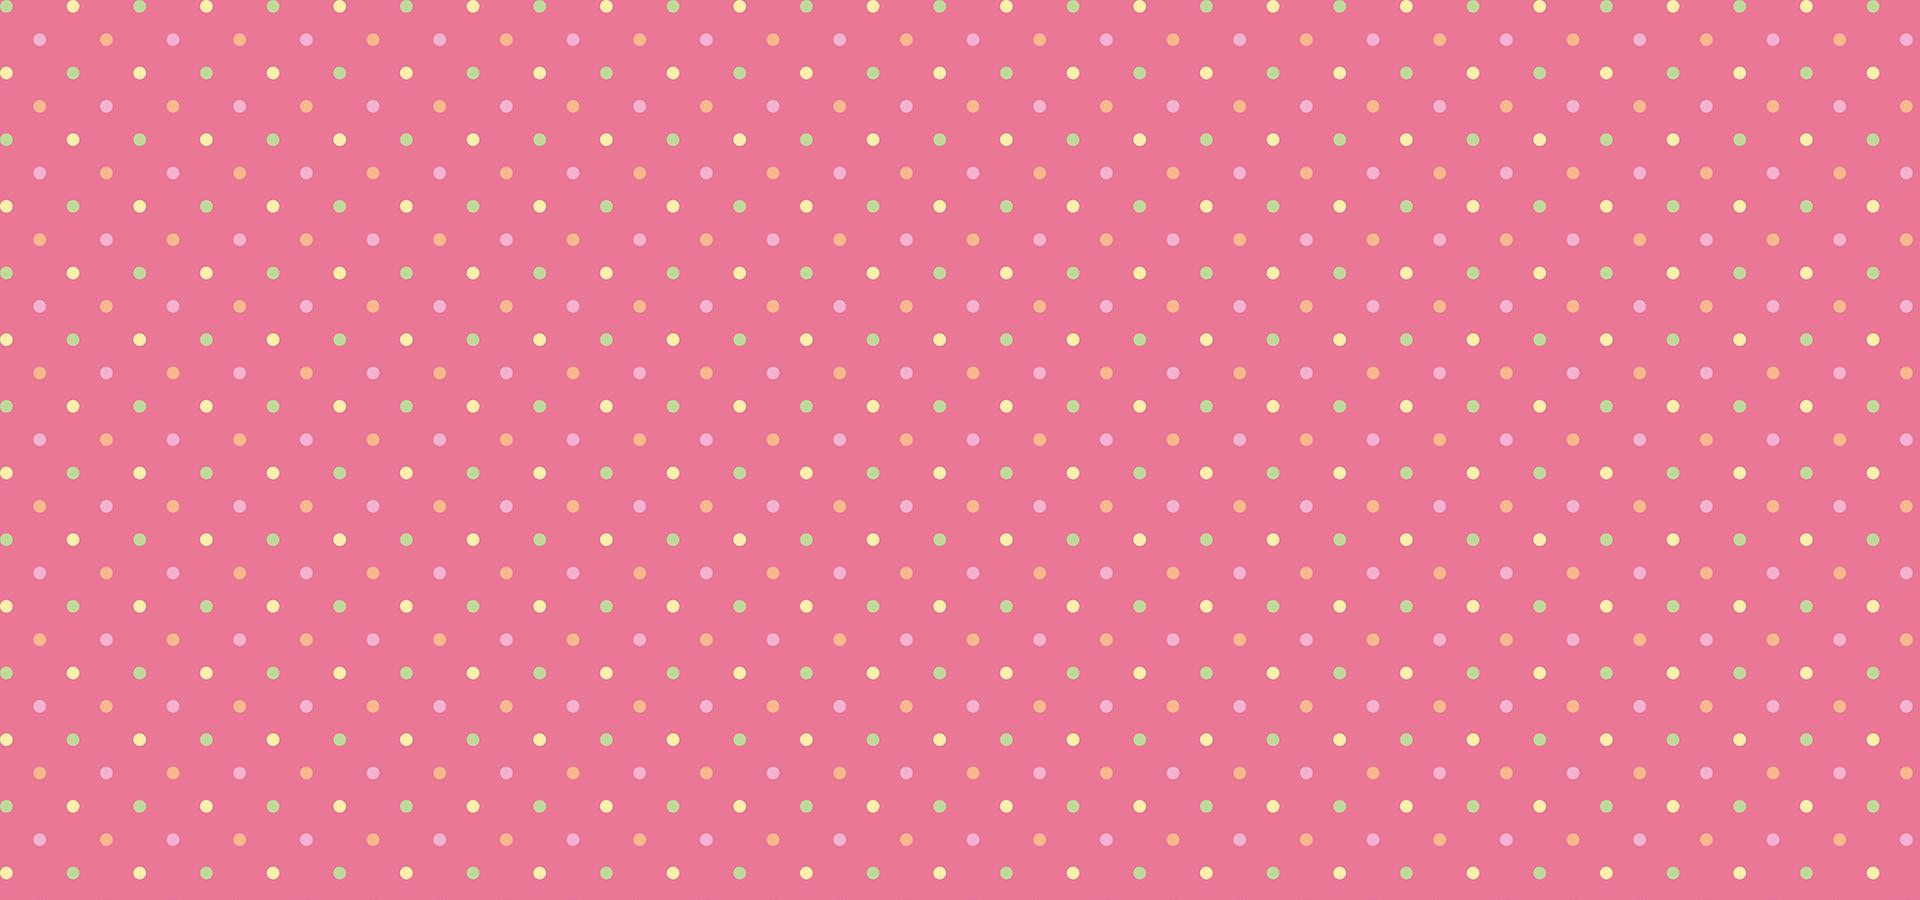 Glaces à Leau Colorées Petits Pixels